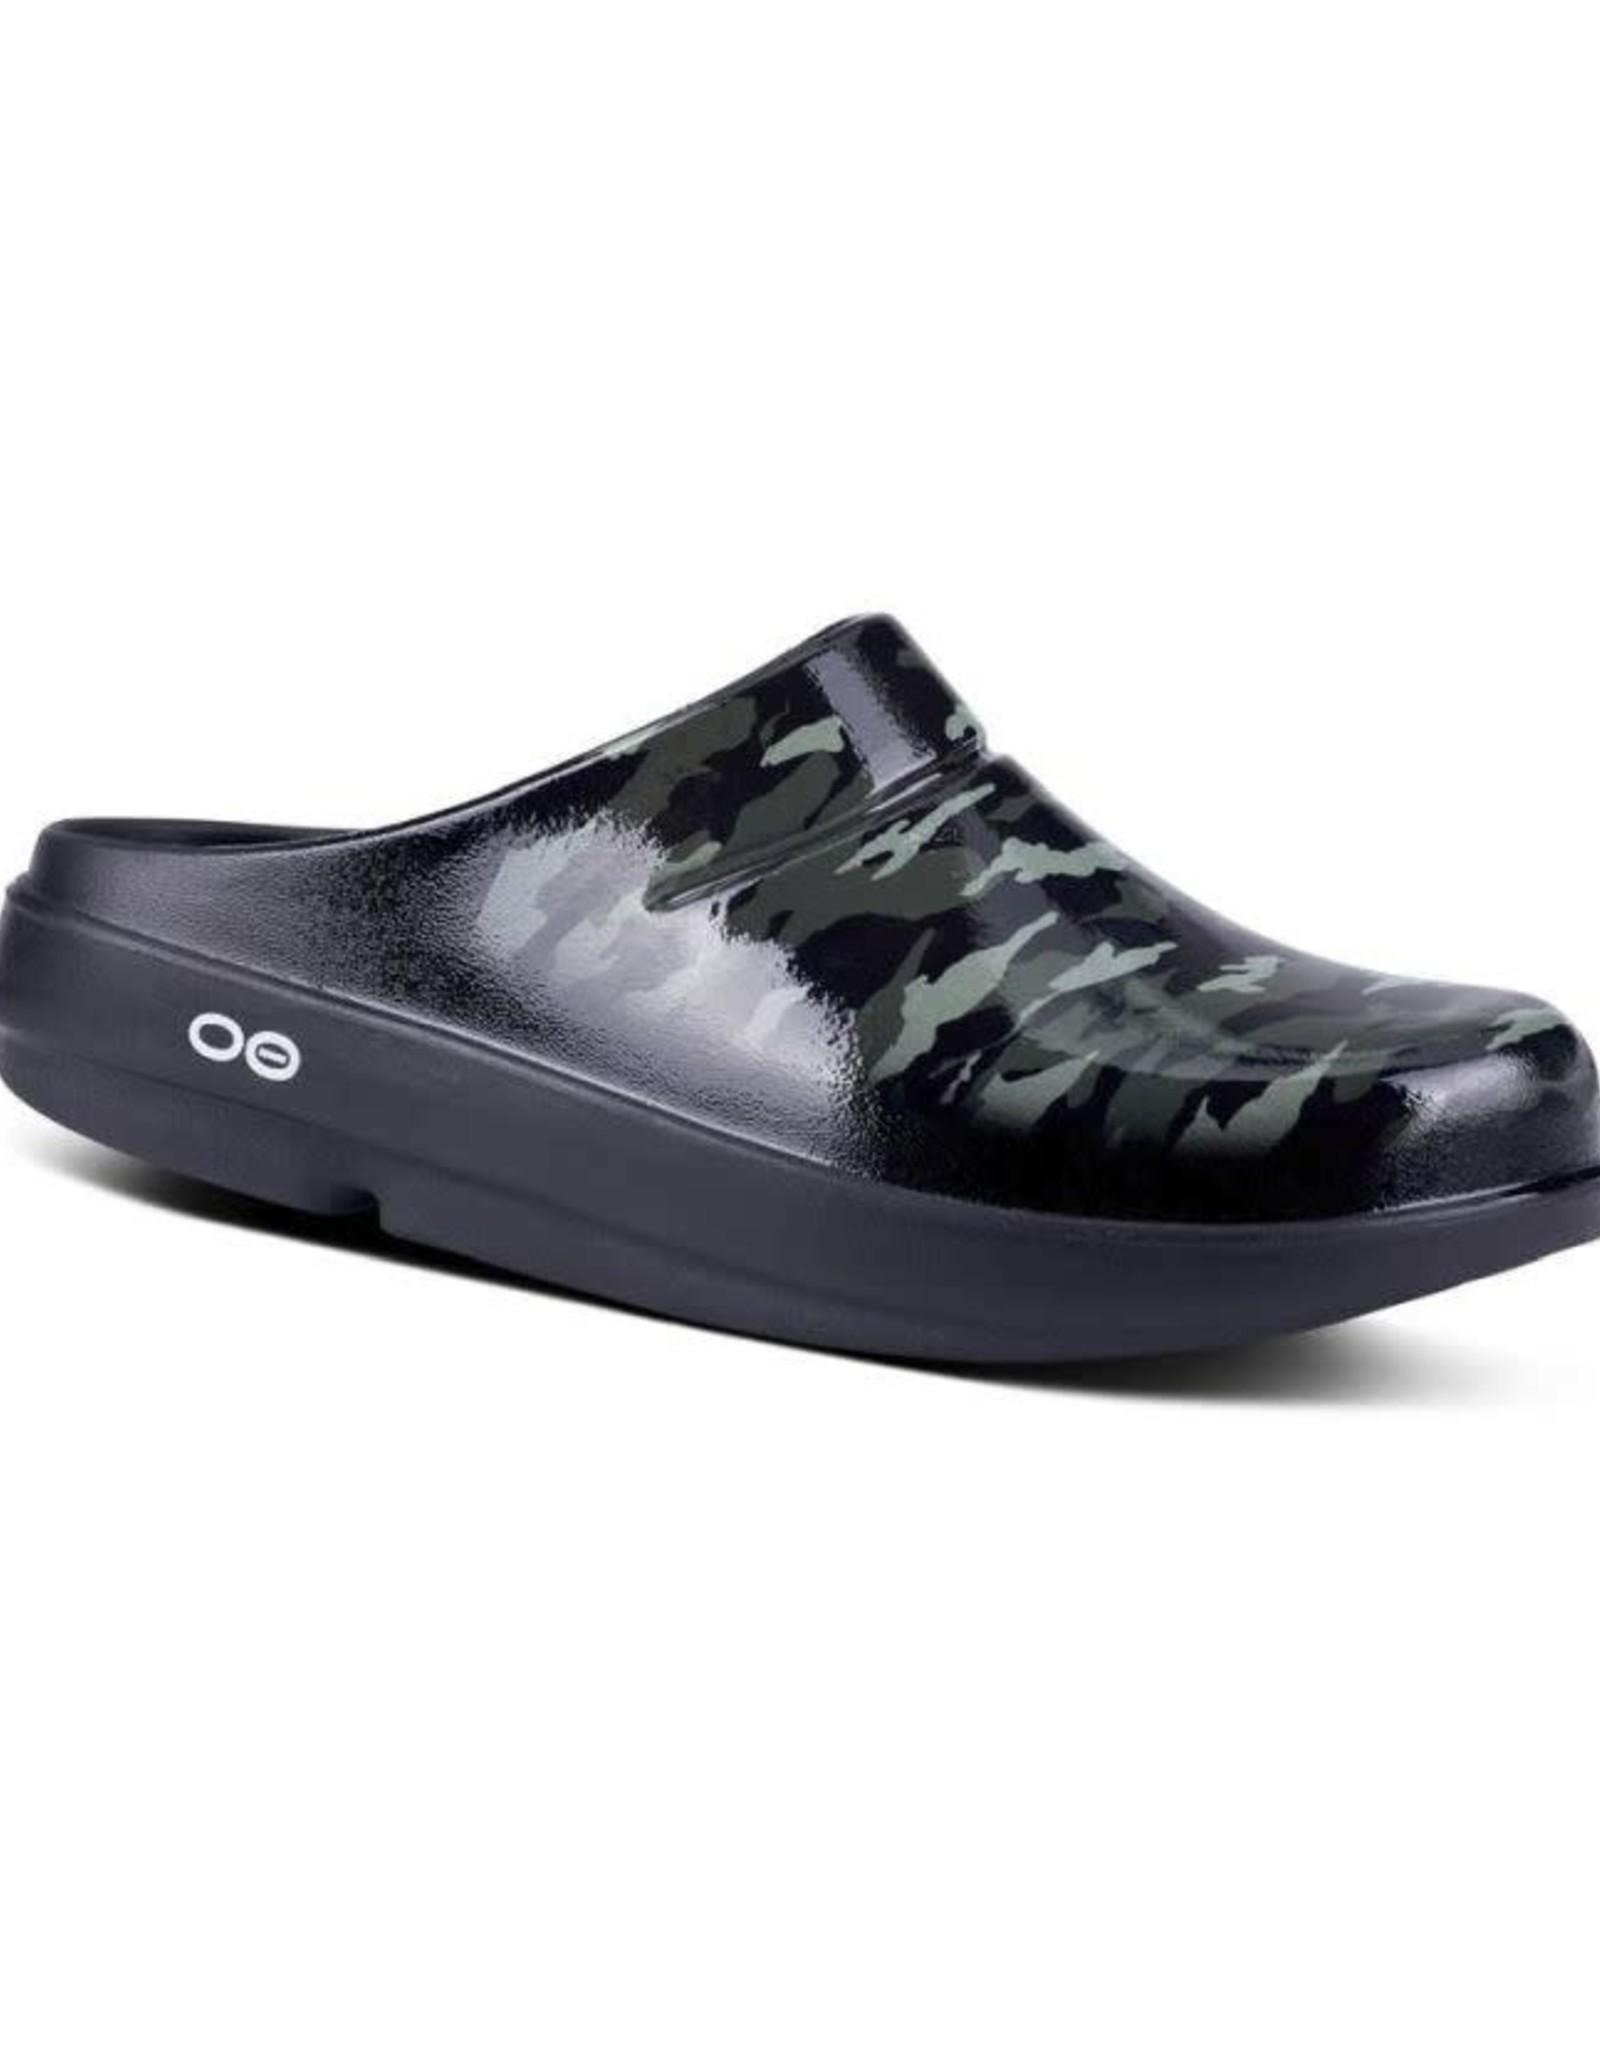 Oofos Oofos - OOcloog Limited